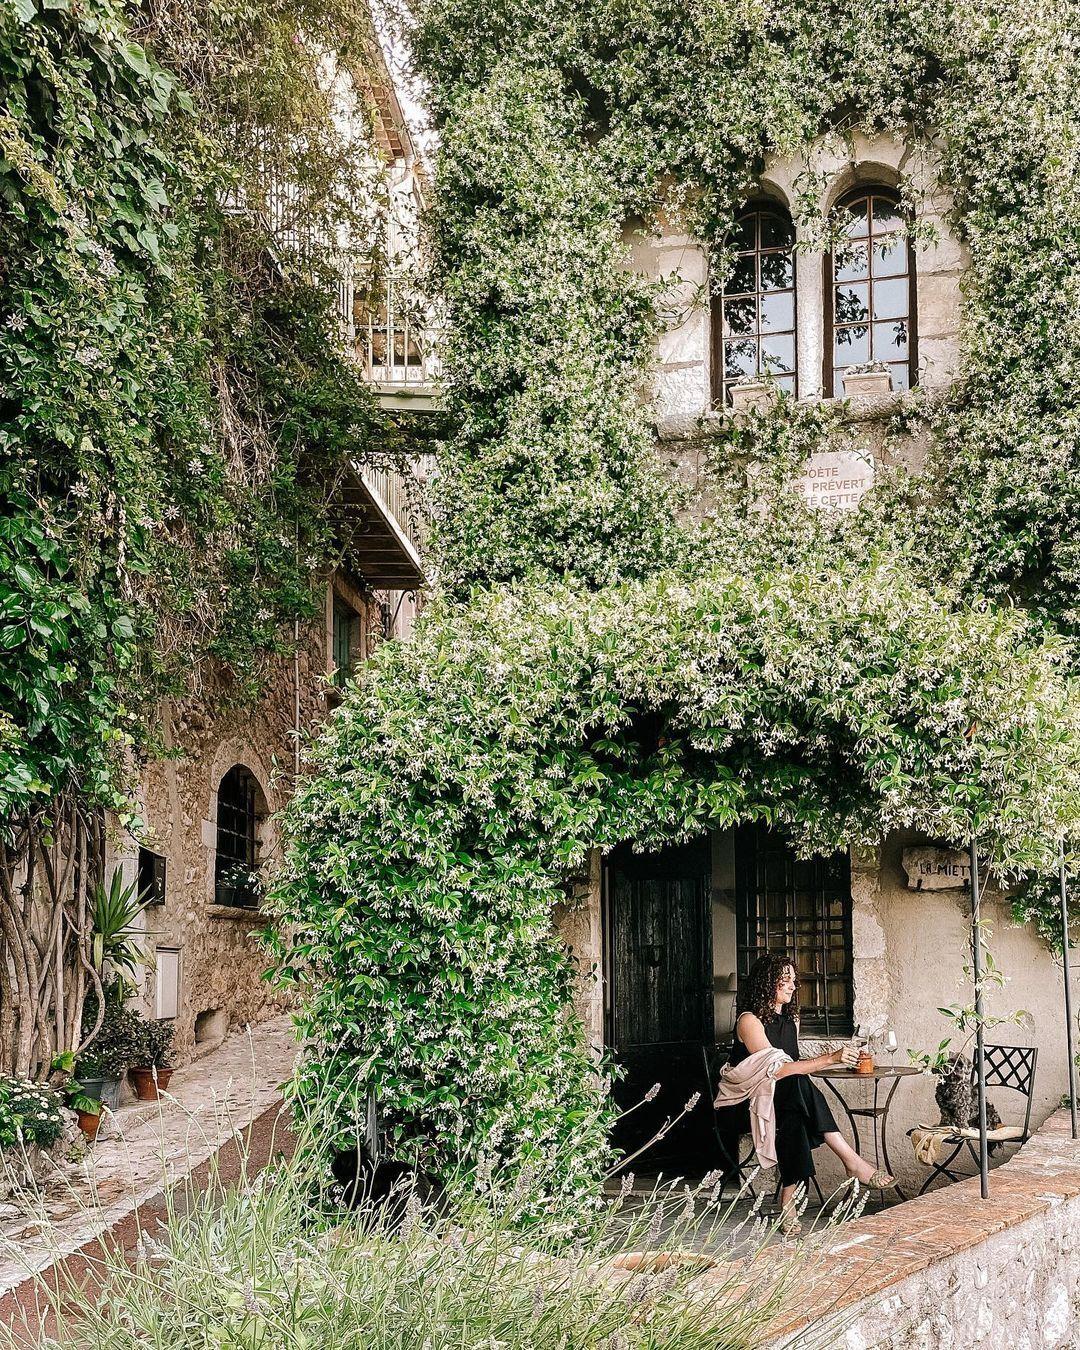 Сен-Поль-де-Ванс – средневековый городок во Франции, который давно превратился в галерею искусства